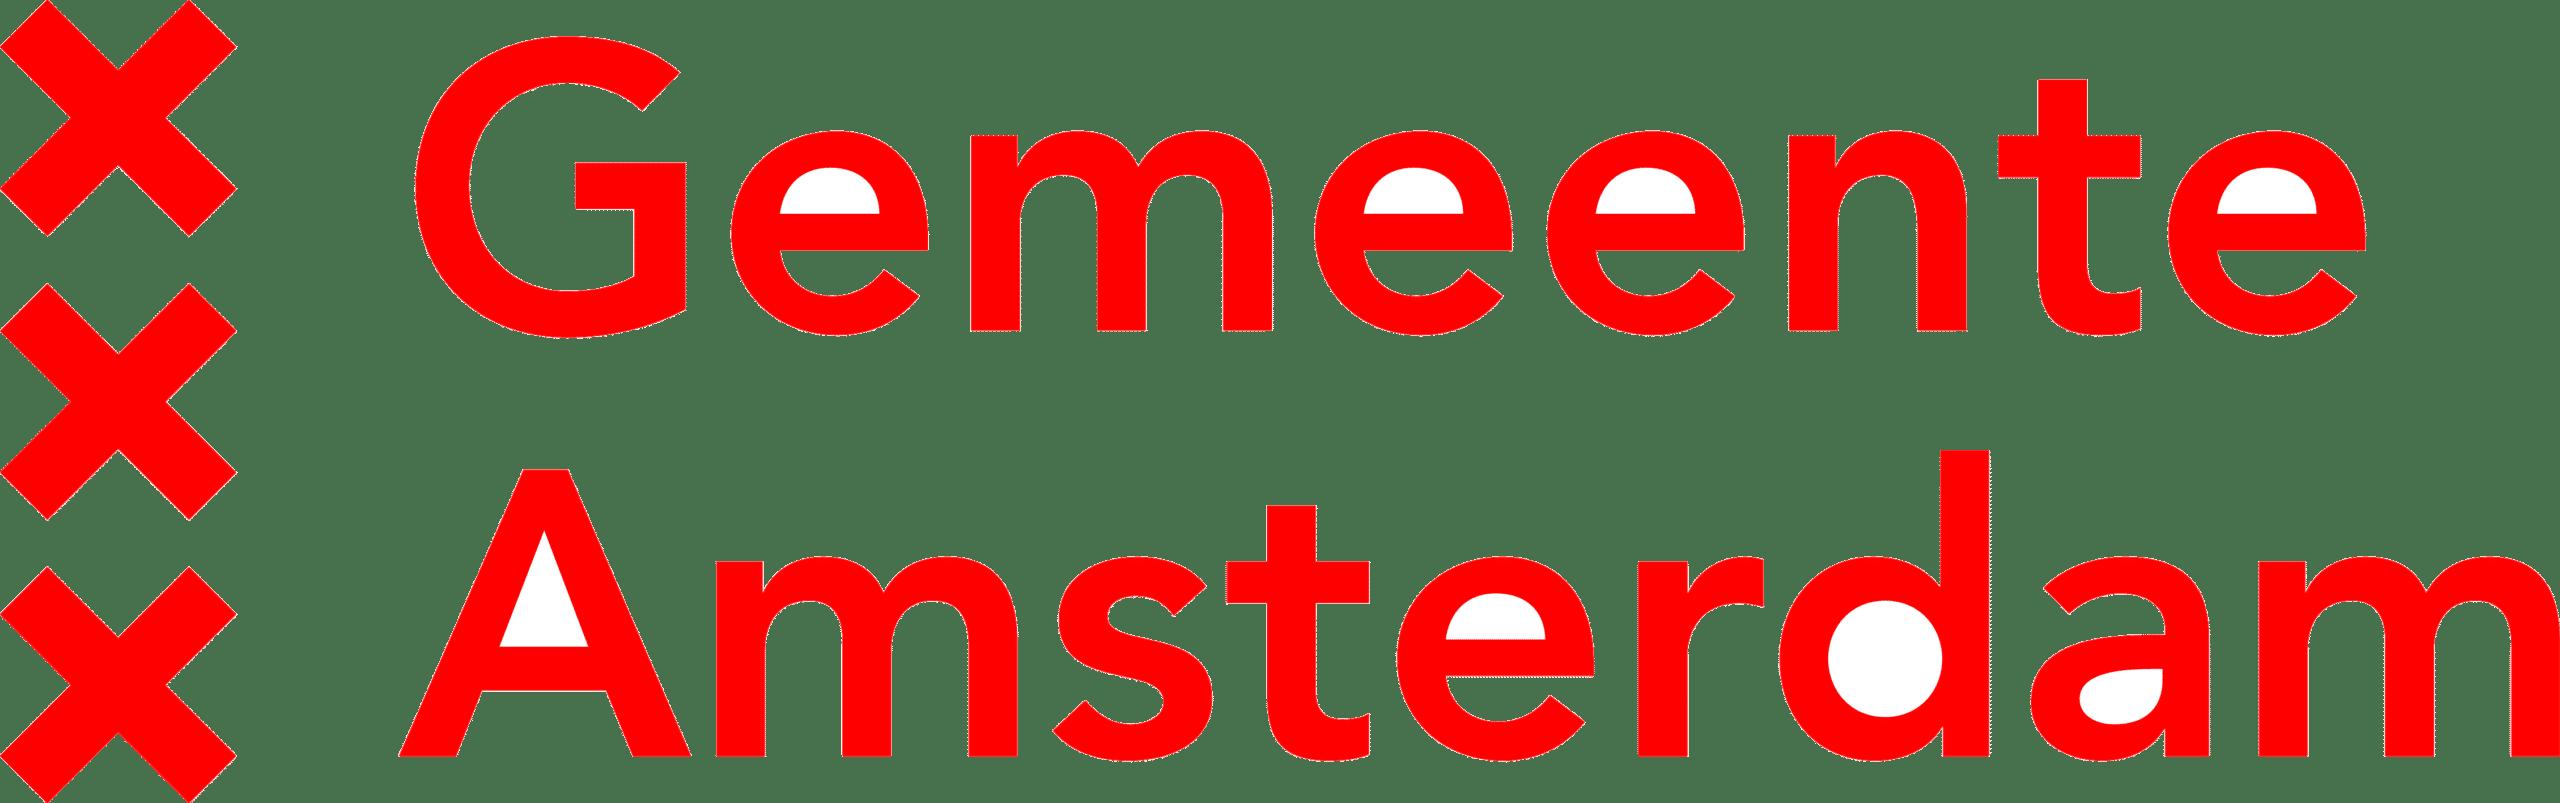 Client Logo's